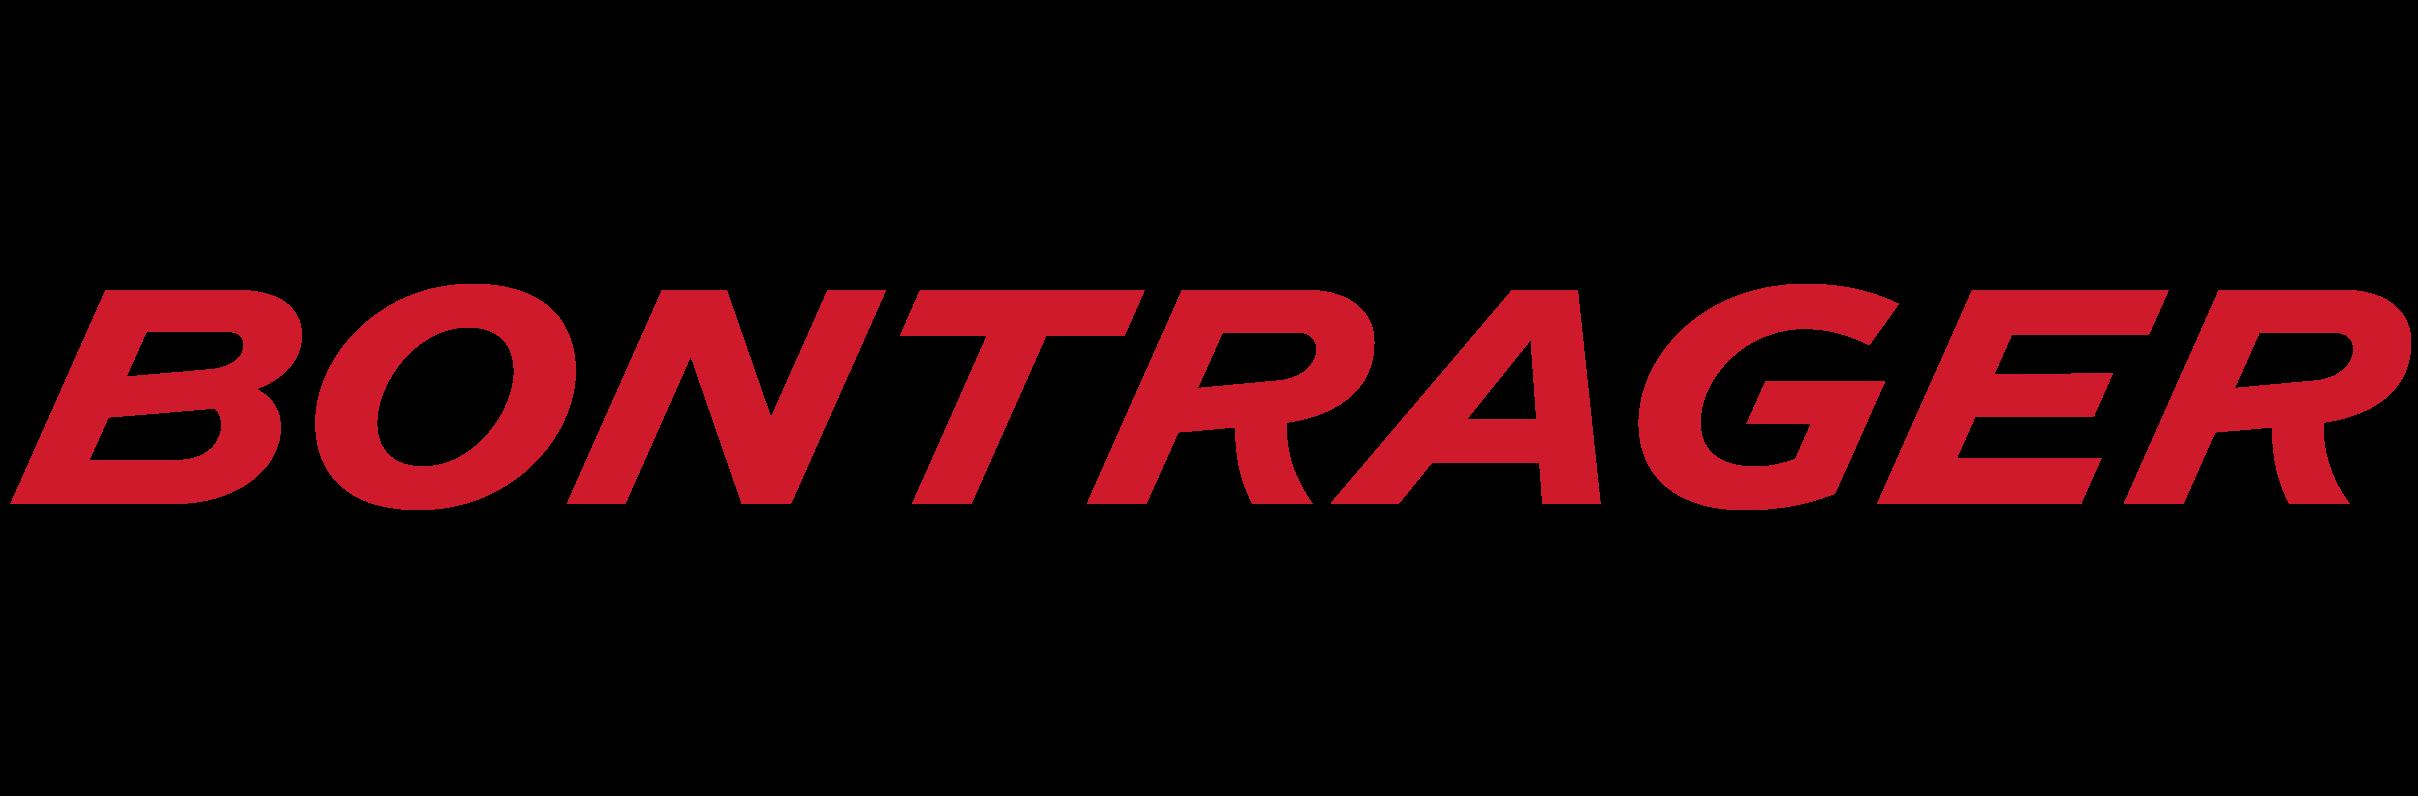 2018_Bontrager_logo_red.png